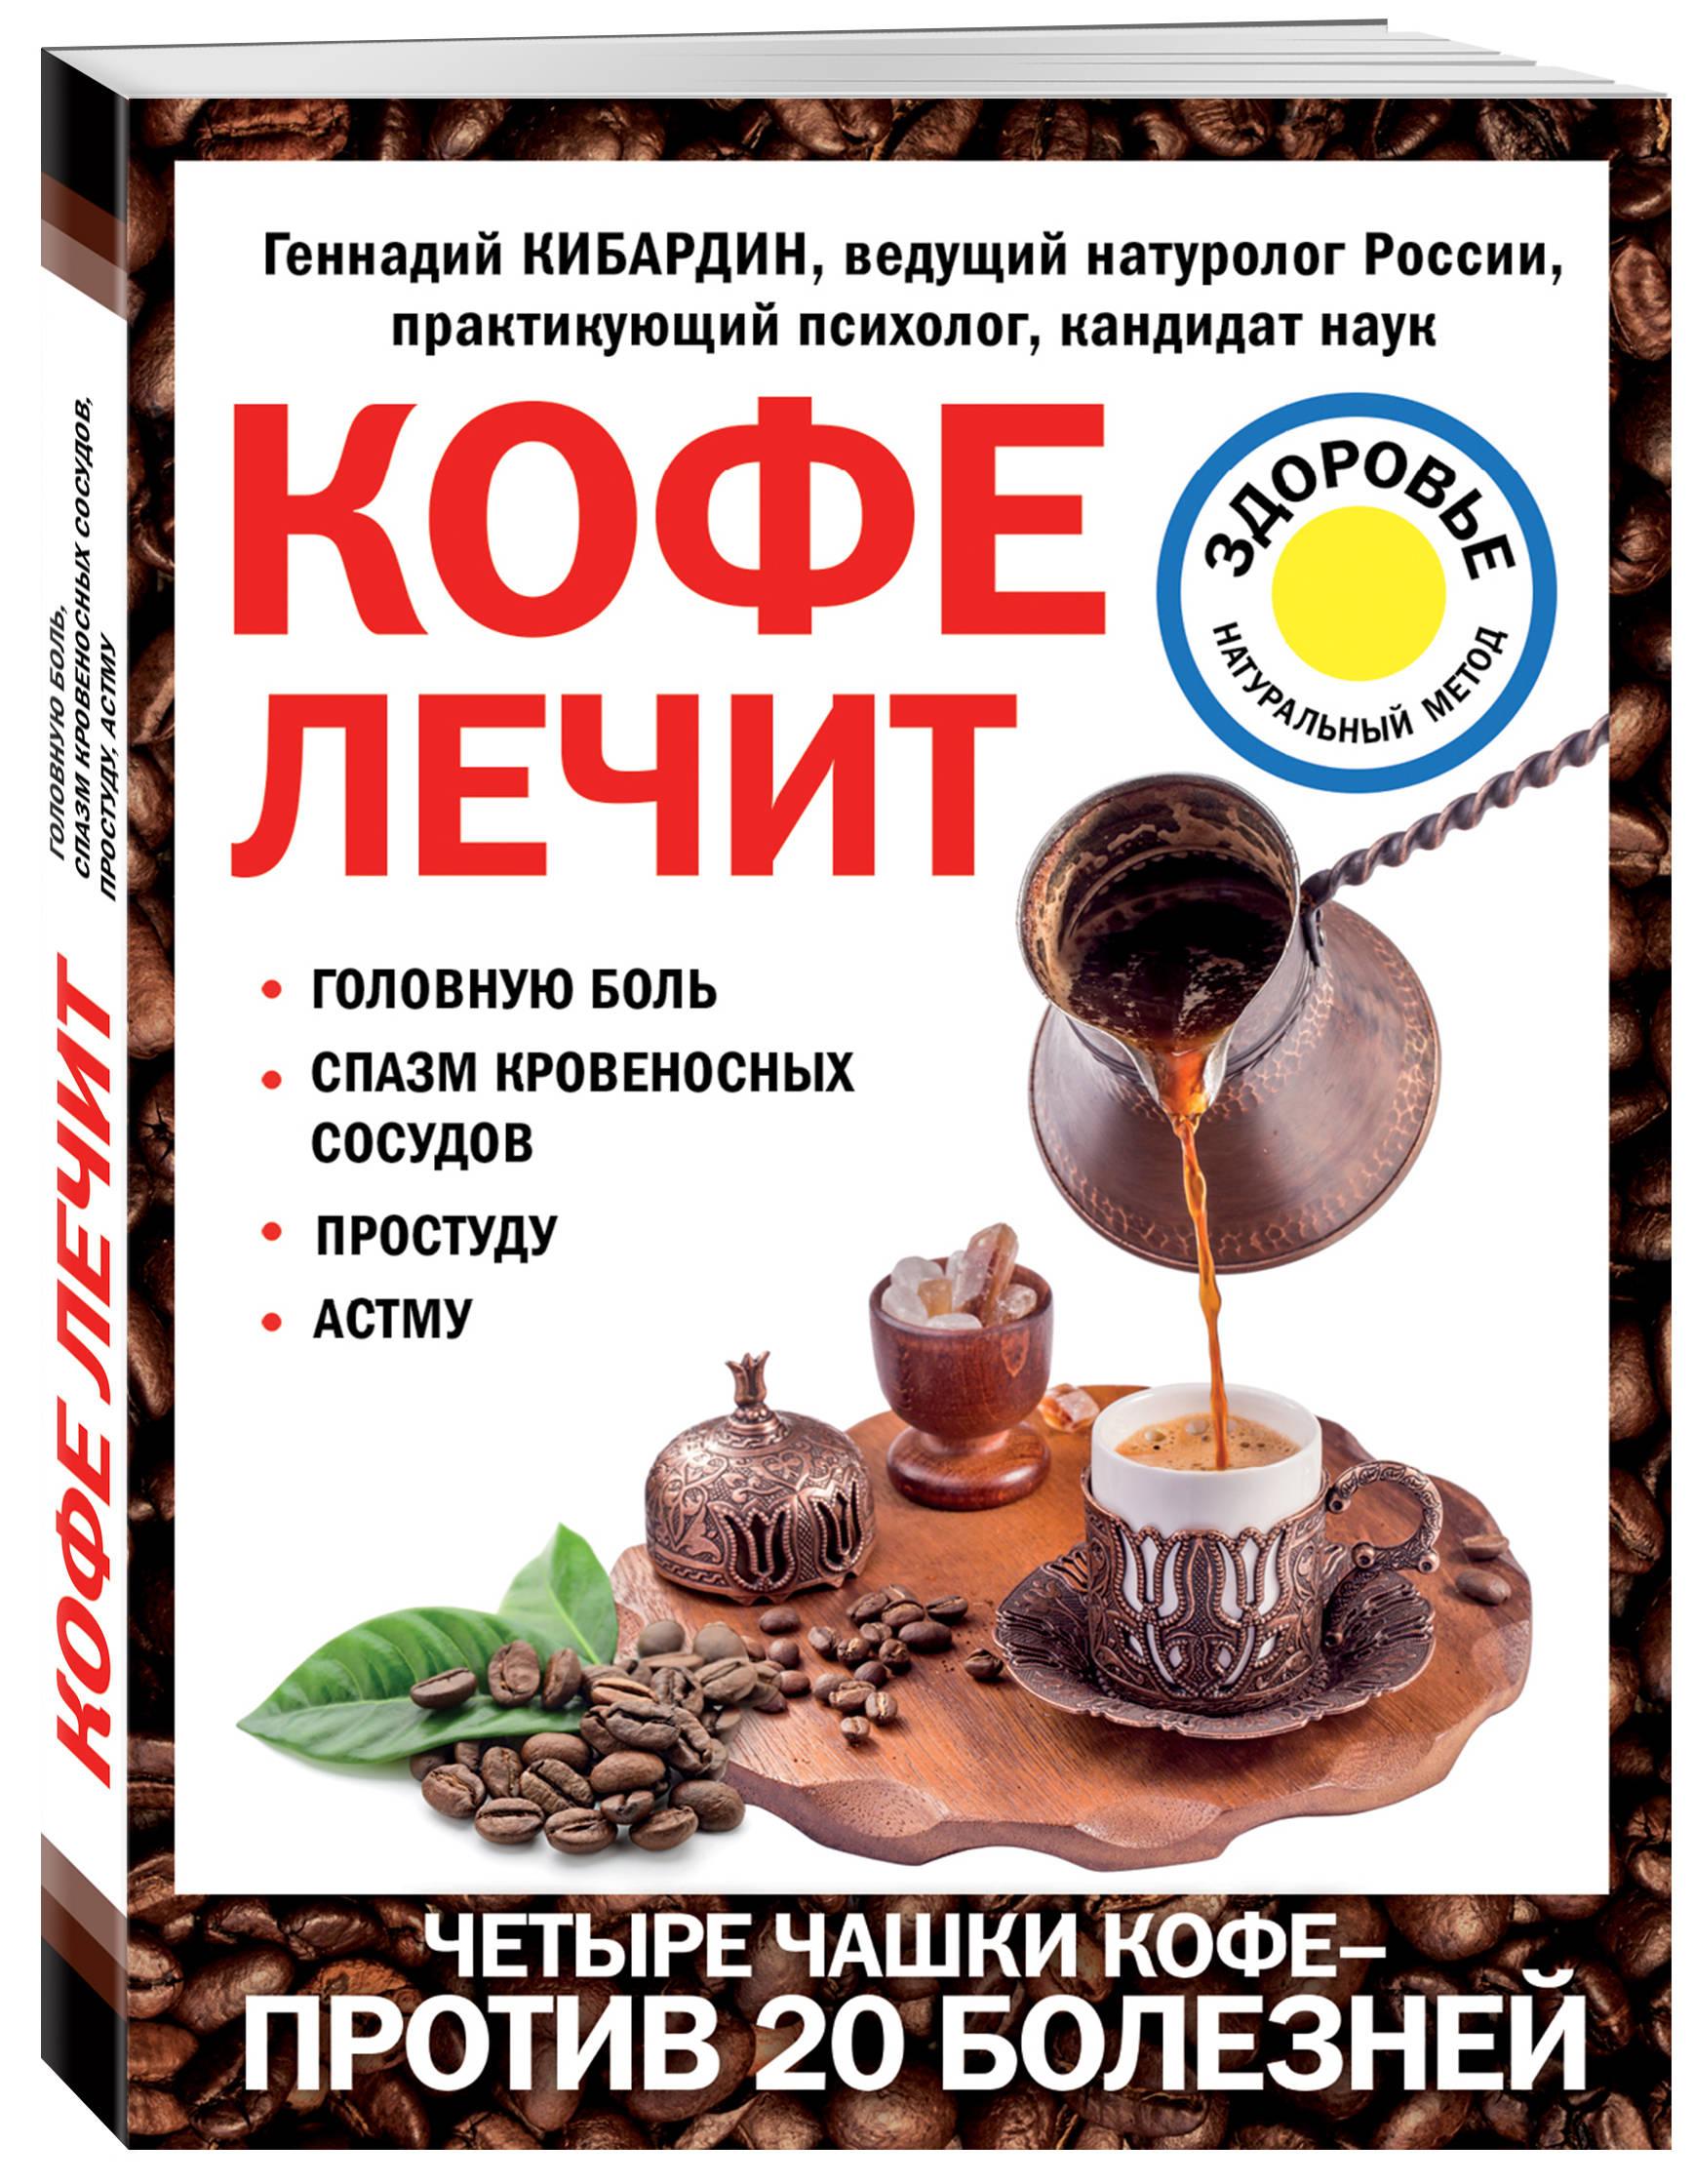 Кофе лечит: головную боль, спазм кровеносных сосудов, простуду, астму ( Кибардин Г.М.  )